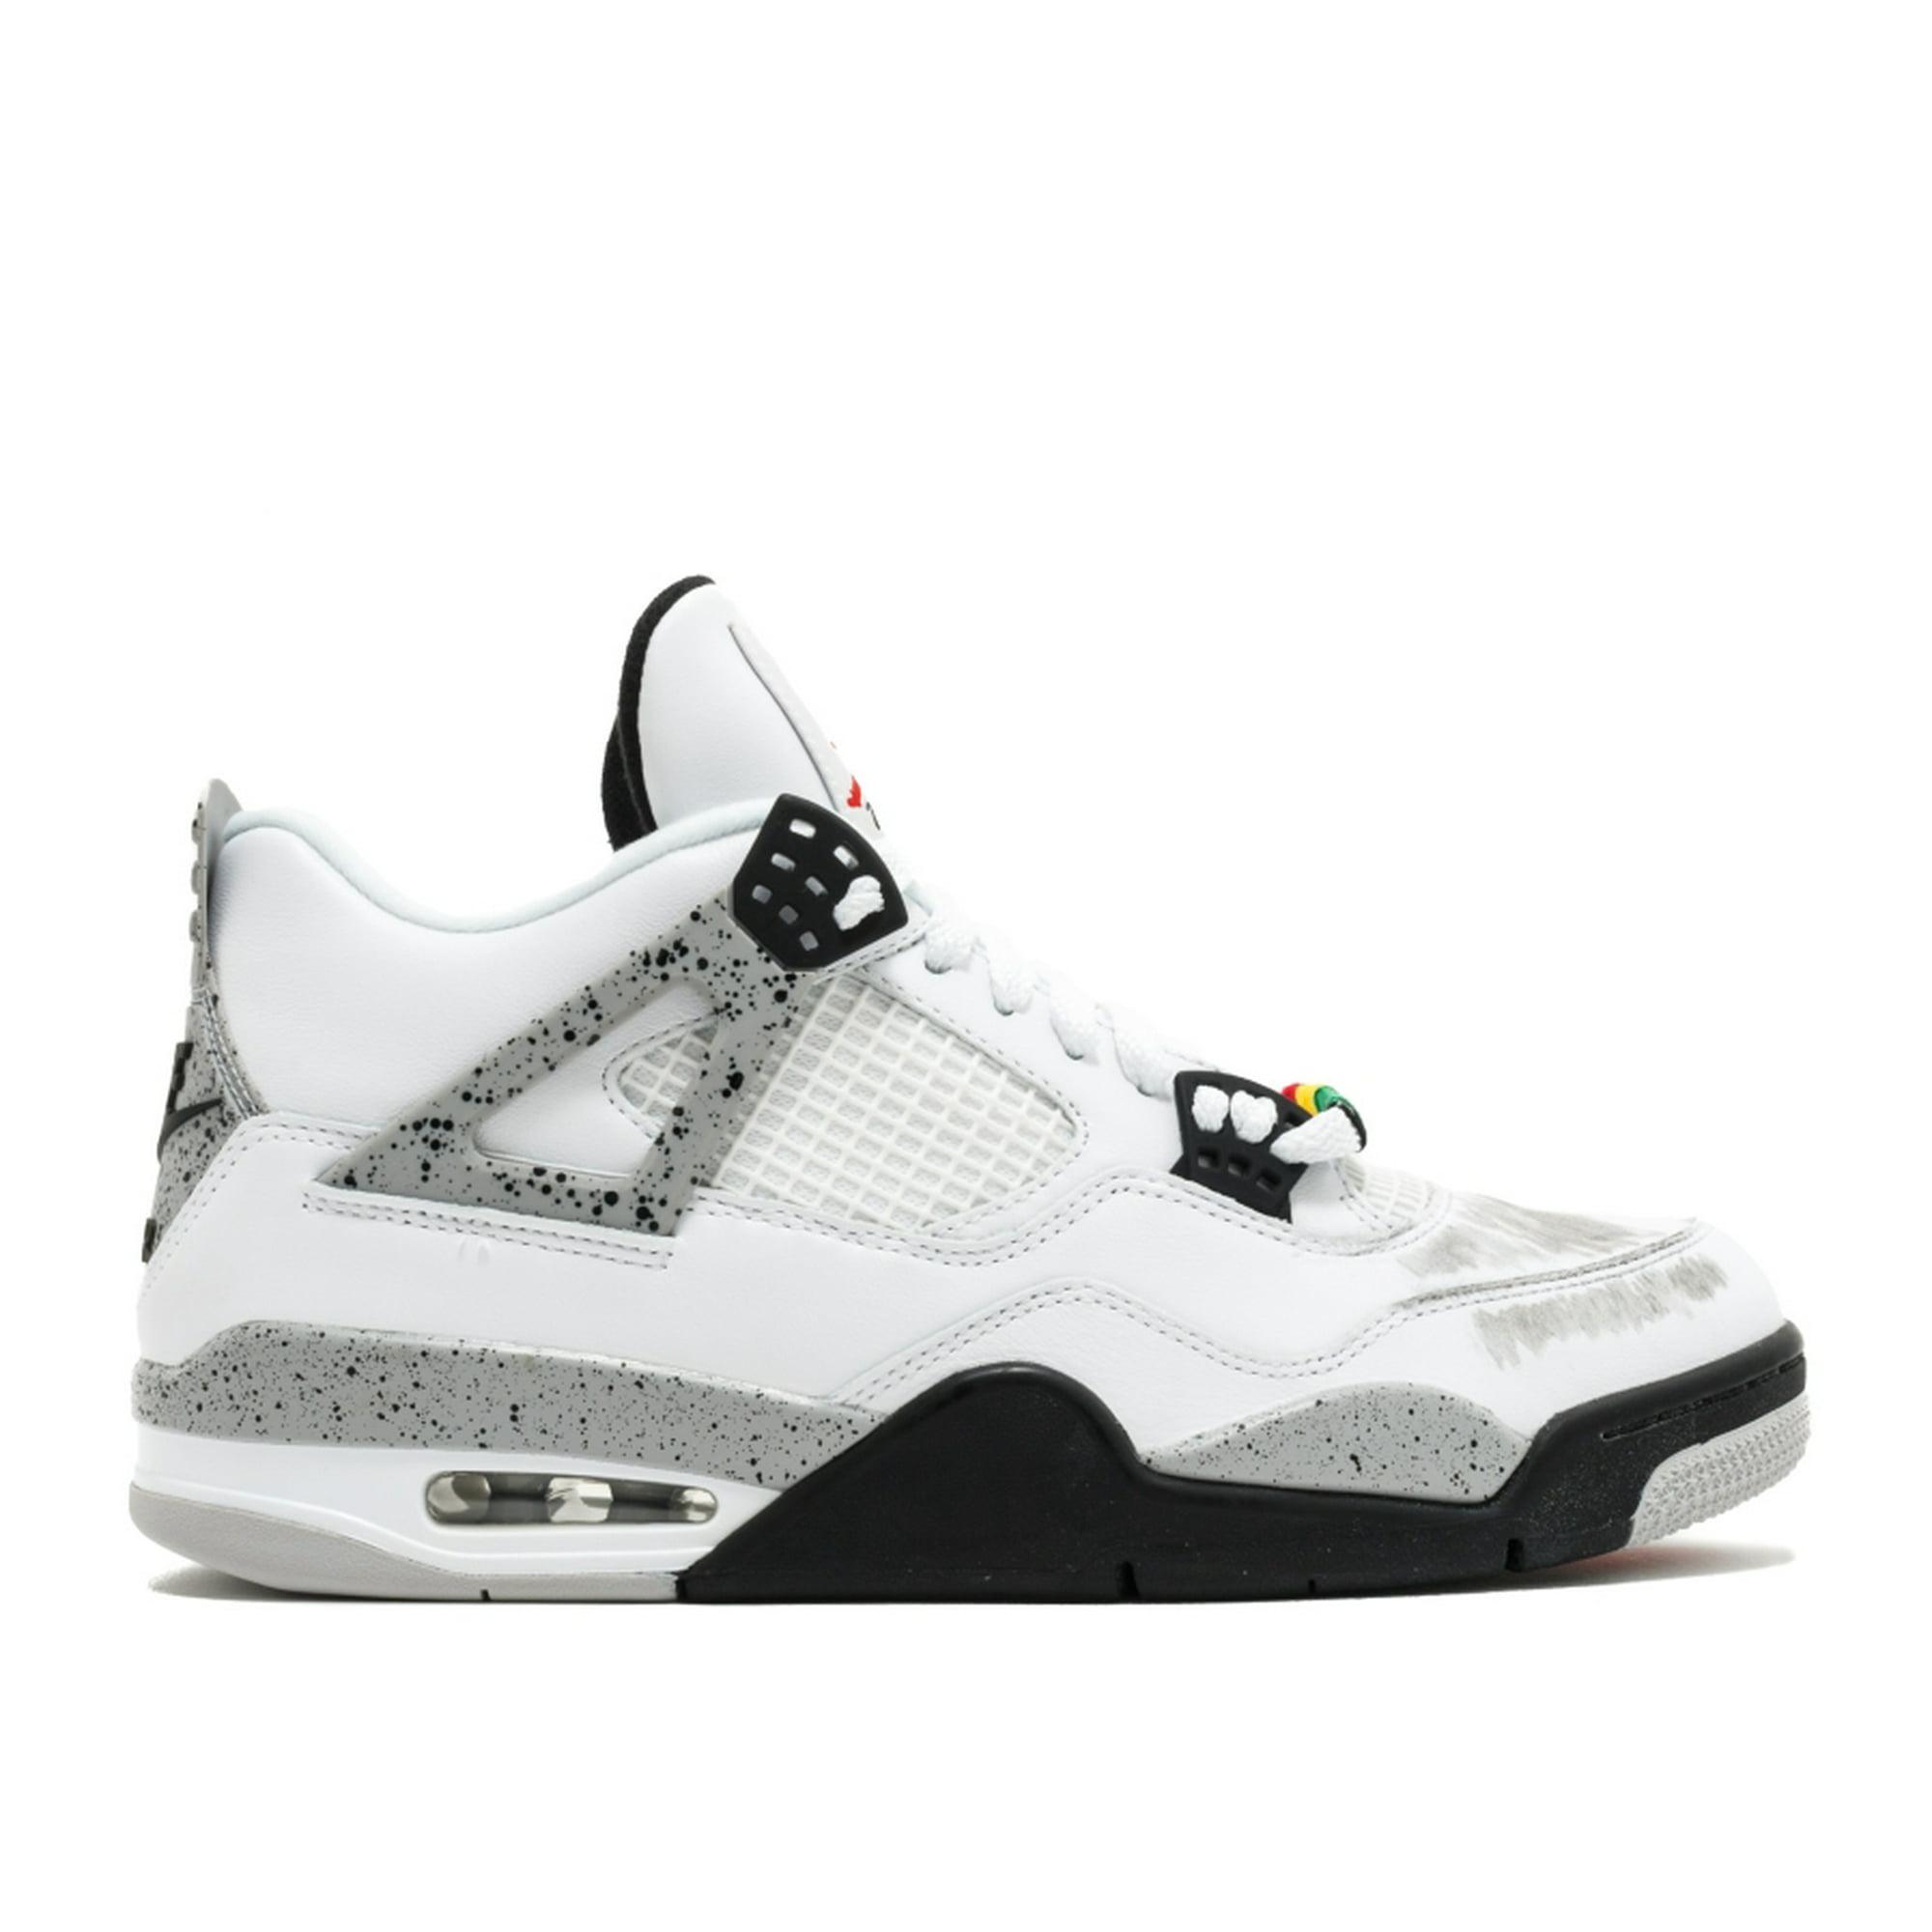 f526f7e2769ce2 Air Jordan - Men - Air Jordan 4 Retro Og  White Cement 2016 Release  -  840606-192 - Size 15